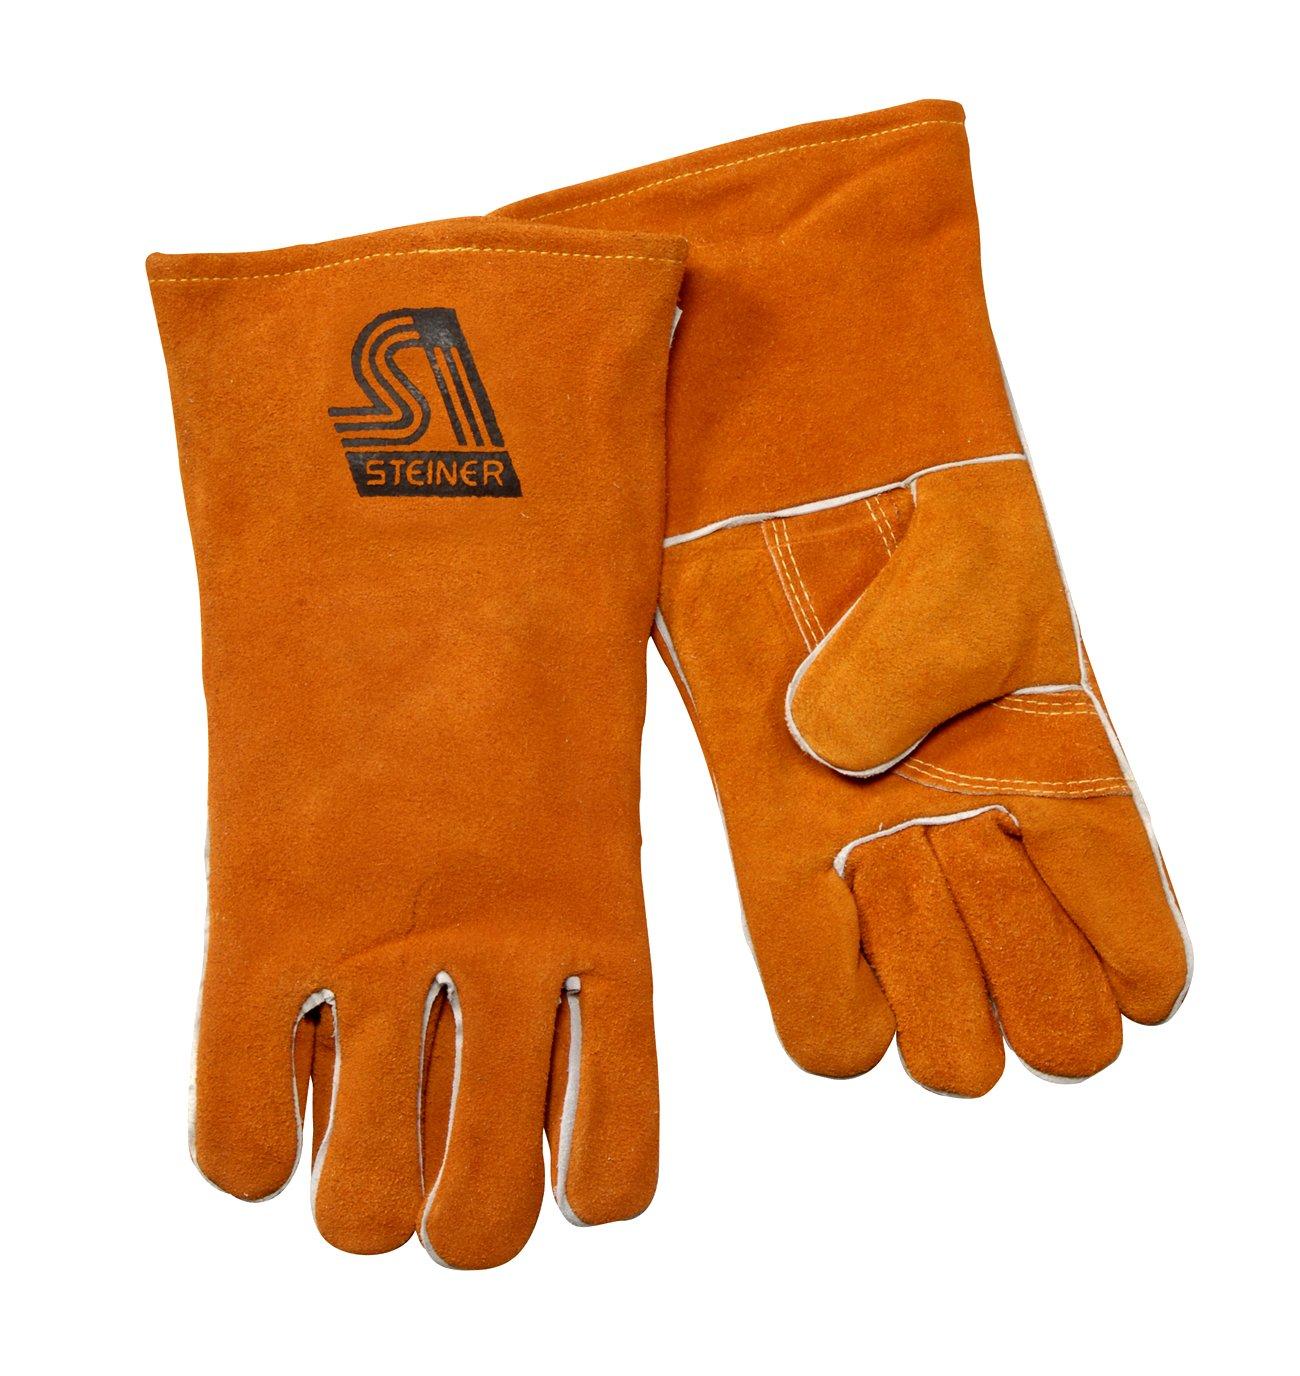 Steiner 2119Y-3X Welding Gloves, Brown Y-Series Shoulder Split Cowhide, Foam Lined Back, 3X-Large (12-Pack)